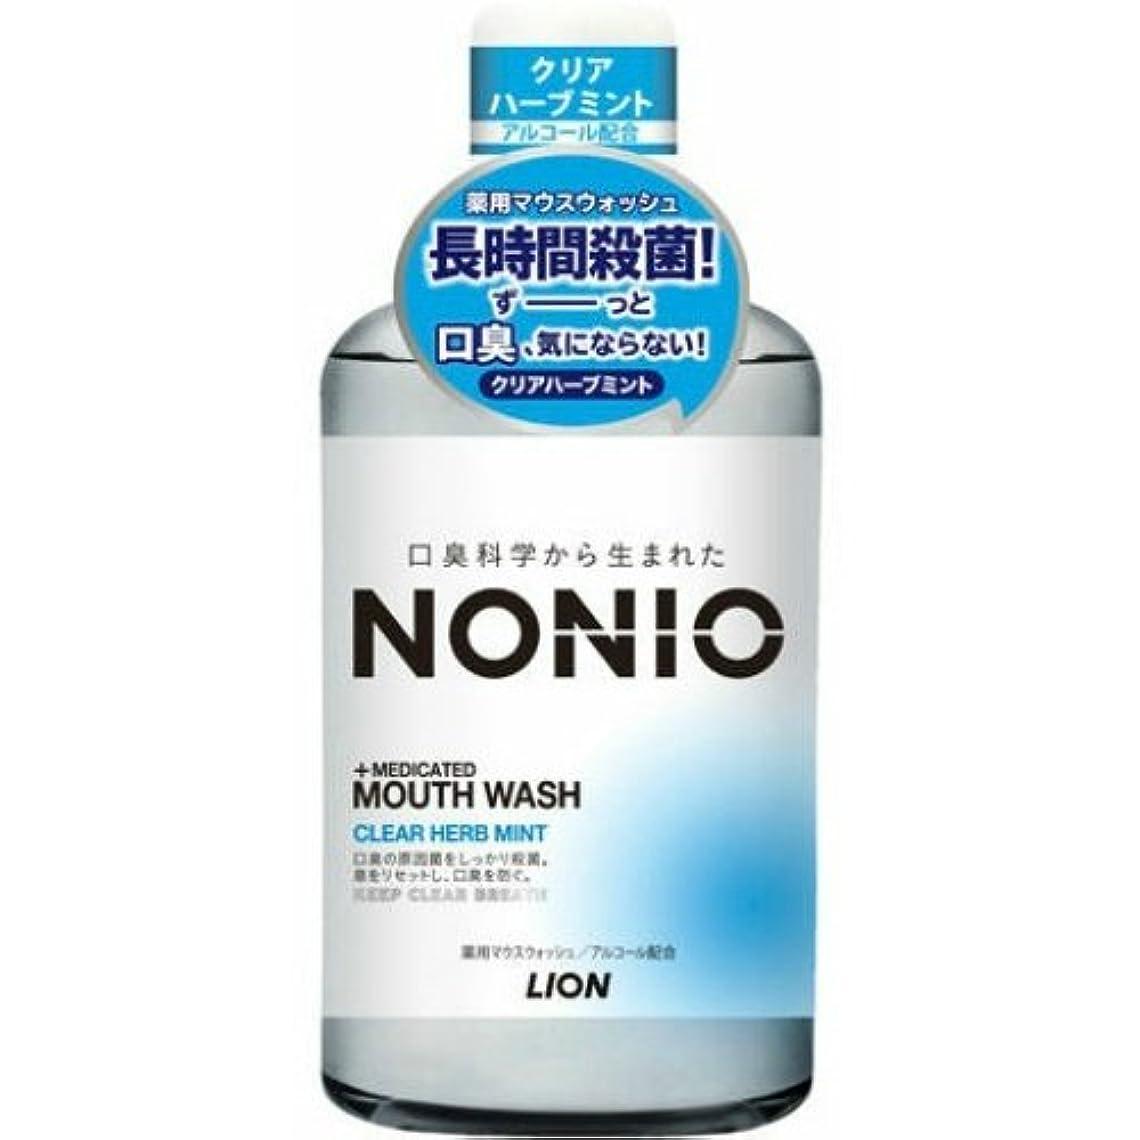 バストスマート午後LION ライオン ノニオ NONIO 薬用マウスウォッシュ クリアハーブミント 600ml ×012点セット(4903301259350)